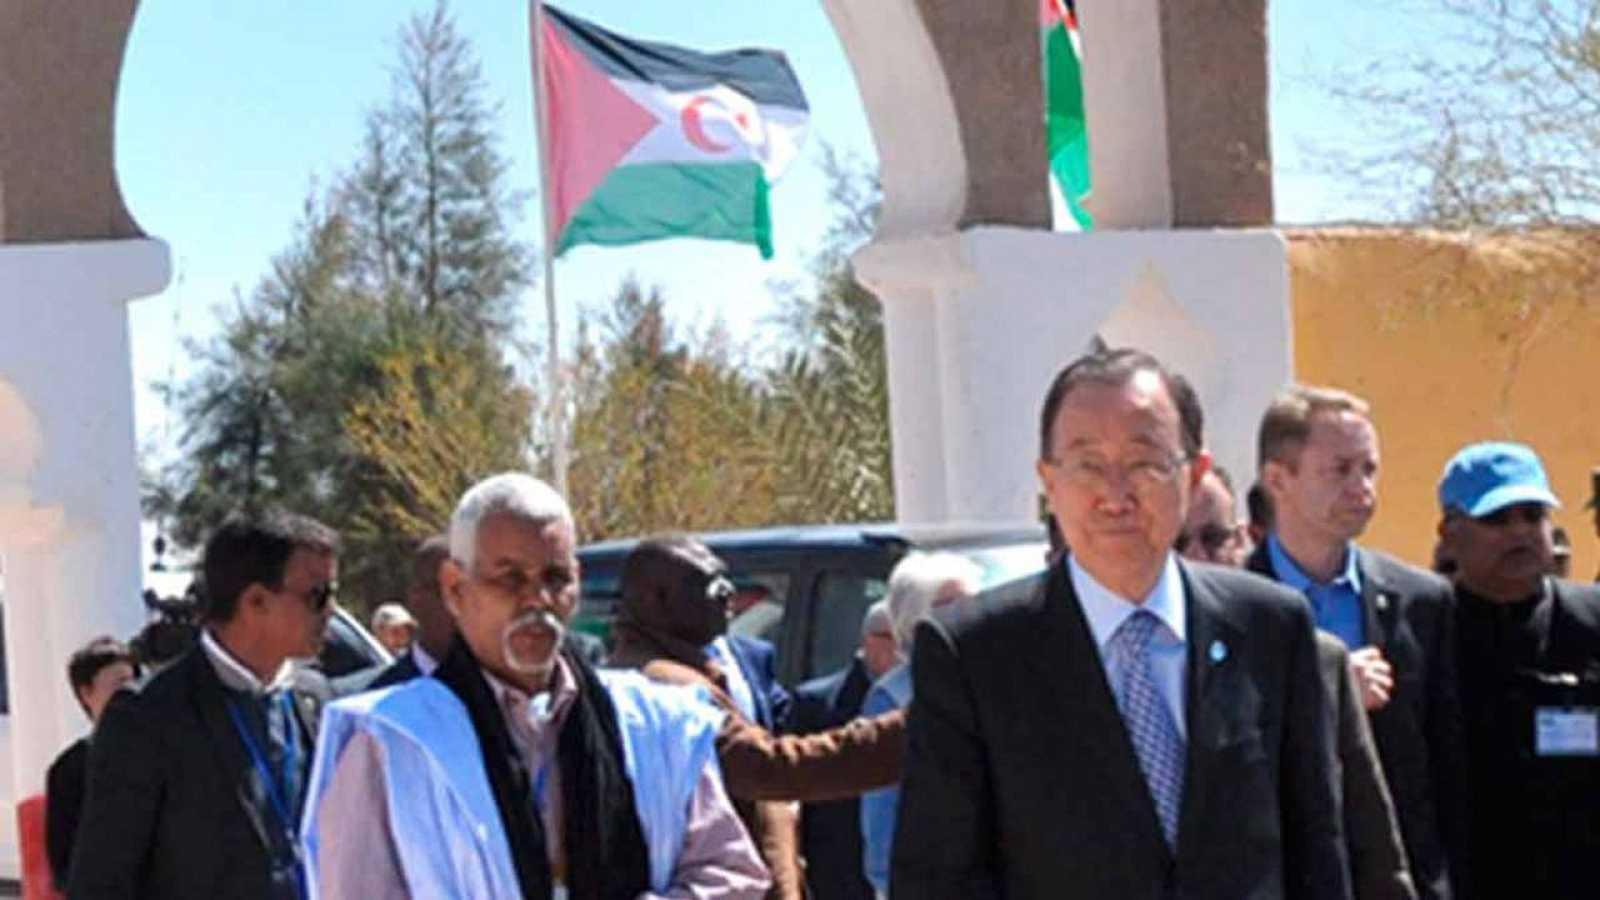 El Secretario General de la ONU durante su visita al Sáhara Occidental el pasado 5 de marzo.